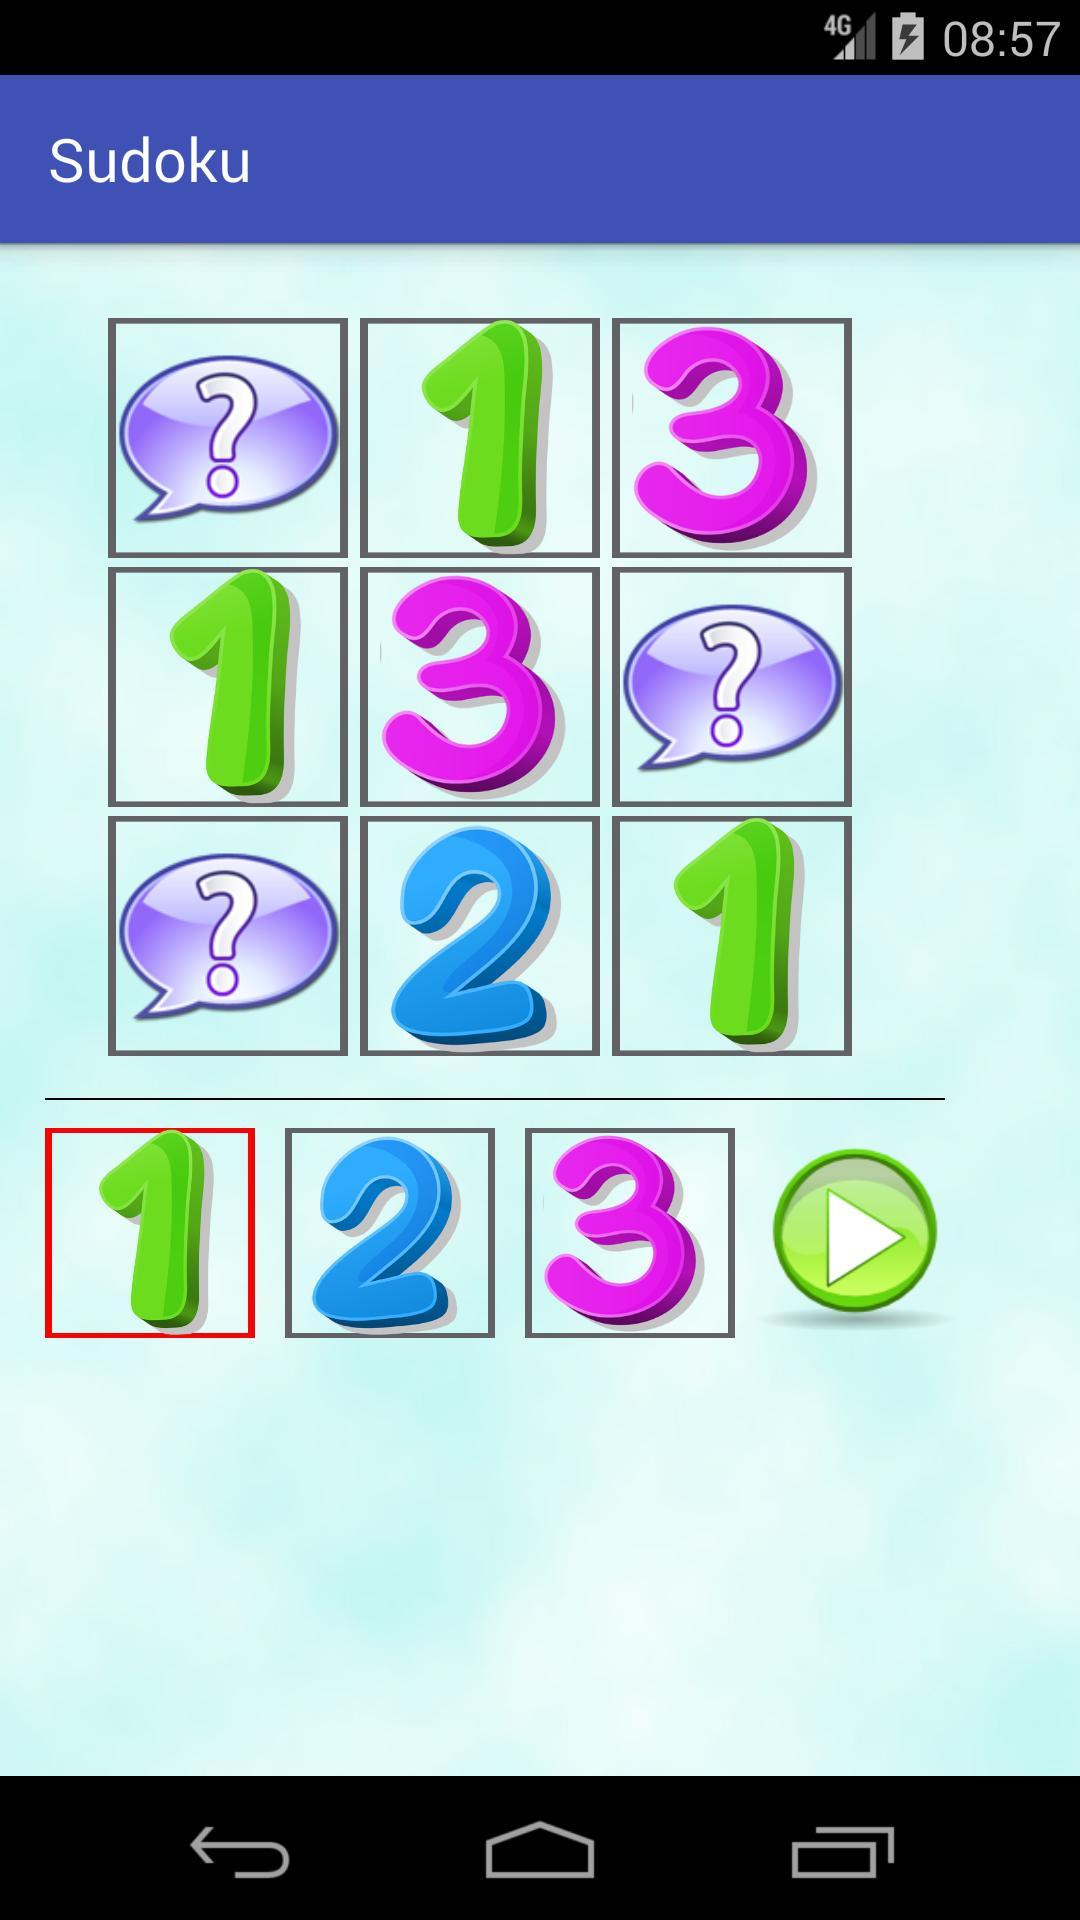 Jeu De Sudoku Pour Les Enfants Pour Android - Téléchargez L'apk dedans Sudoku Gratuit Enfant